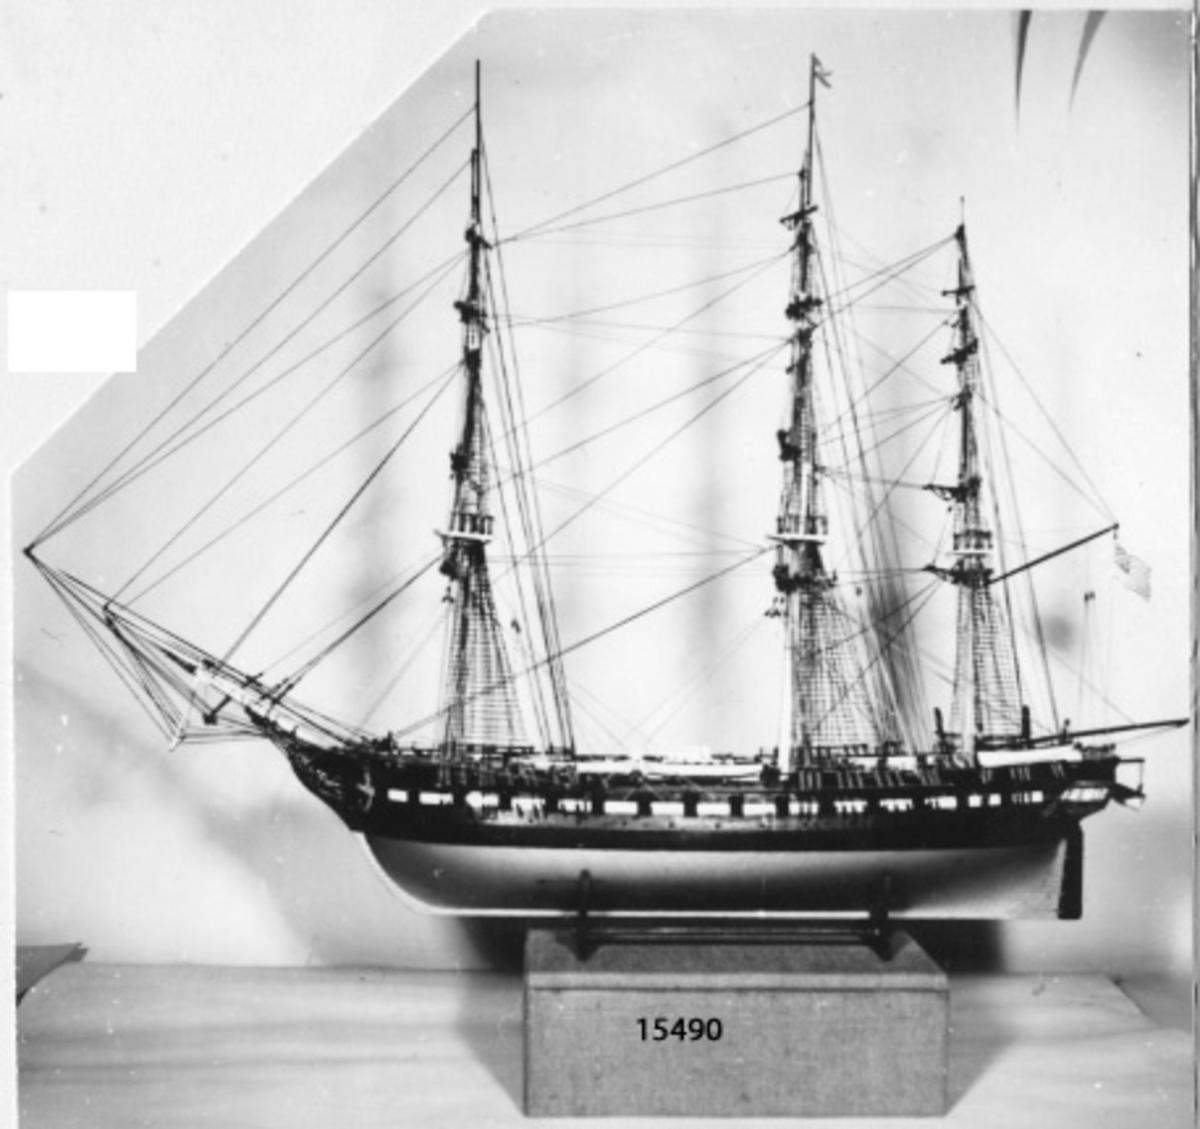 Constitution, fregatt. Tremastad fartygsmodell av plast, svart skrov med vitt fält i linje med kanonportarna.